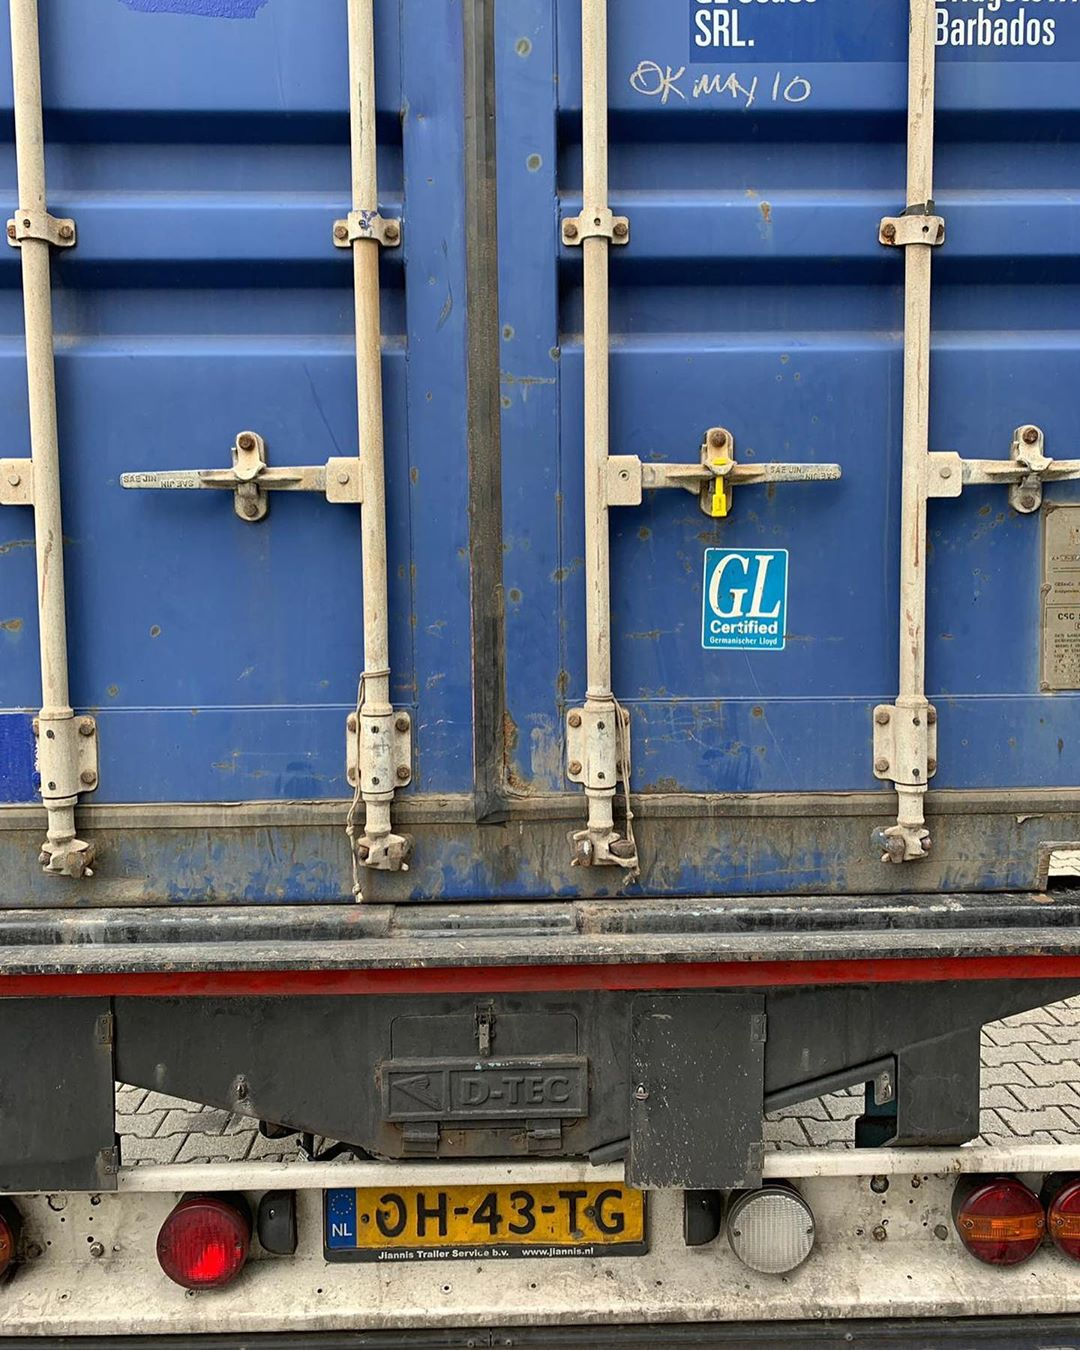 So, die #möbel für unser #ferienhäuschen sind auf dem Weg. Ich hoffe wir sehen uns , unbeschädigt , in gut vier Wochen wieder. Und ich hoffe, unser #container steht nicht da vorne , auf der Ecke vom #Schiff 🙈